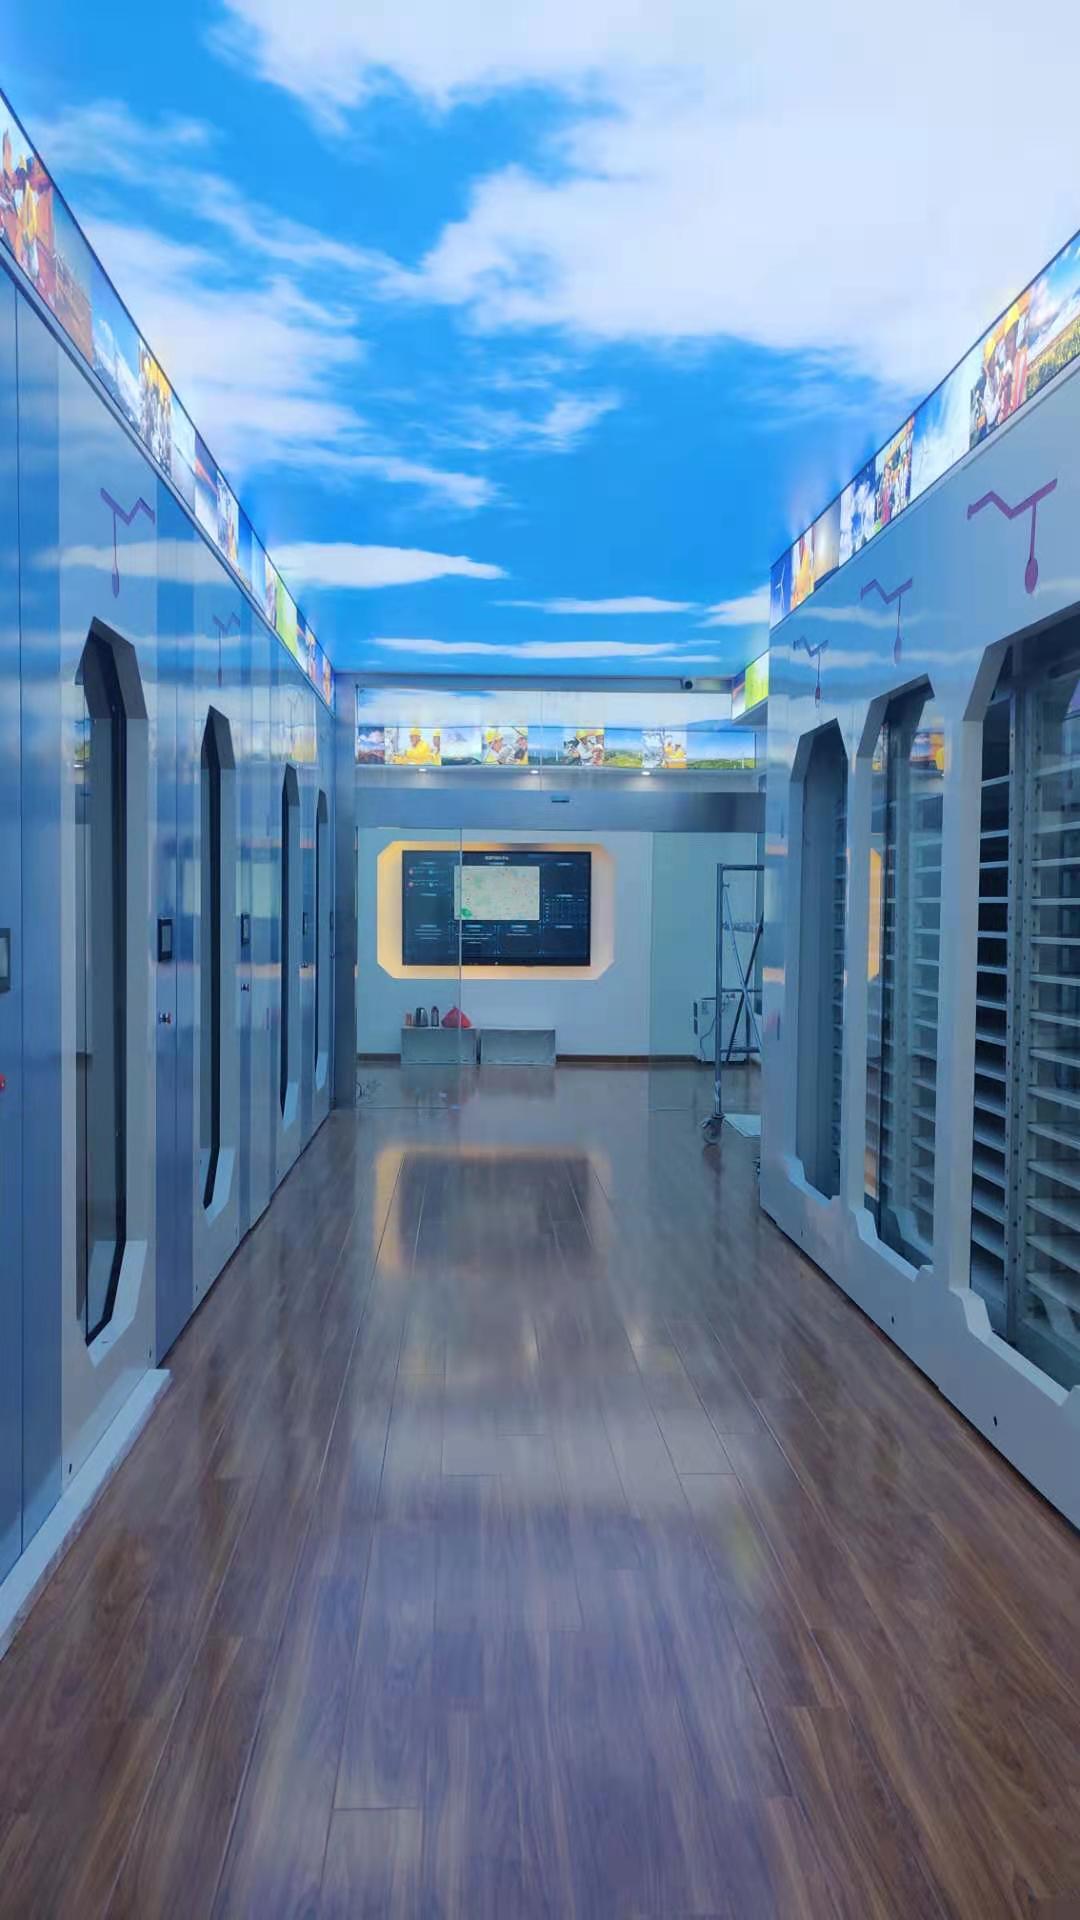 台湾智能工具旋转柜_昆山信德佳提供品牌好的智能工器具旋转柜